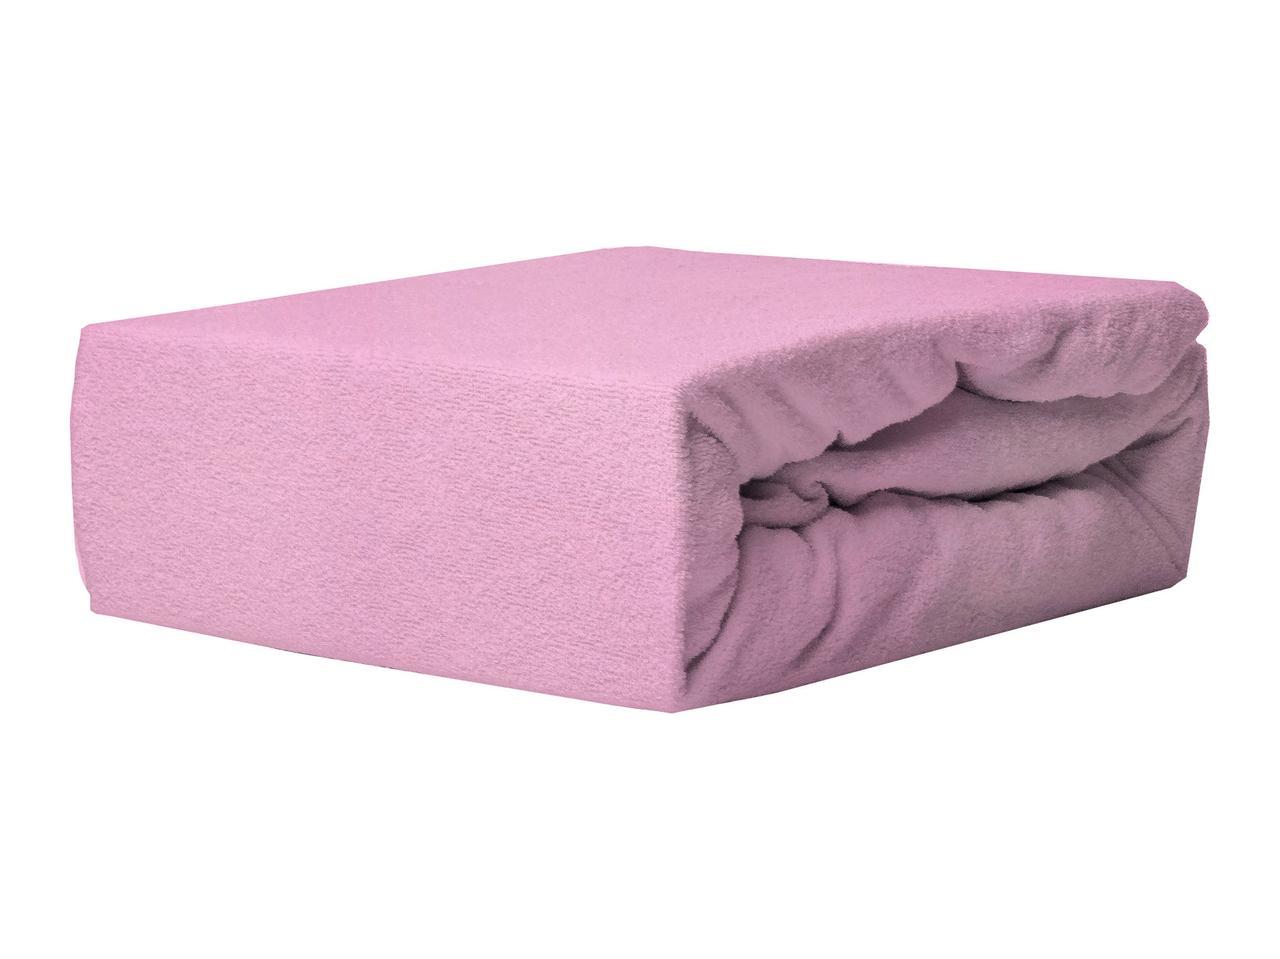 Простыня Махровая На резинке NR 020 P.P.H.U. J&M 6061 140x200 см Фиолетовая